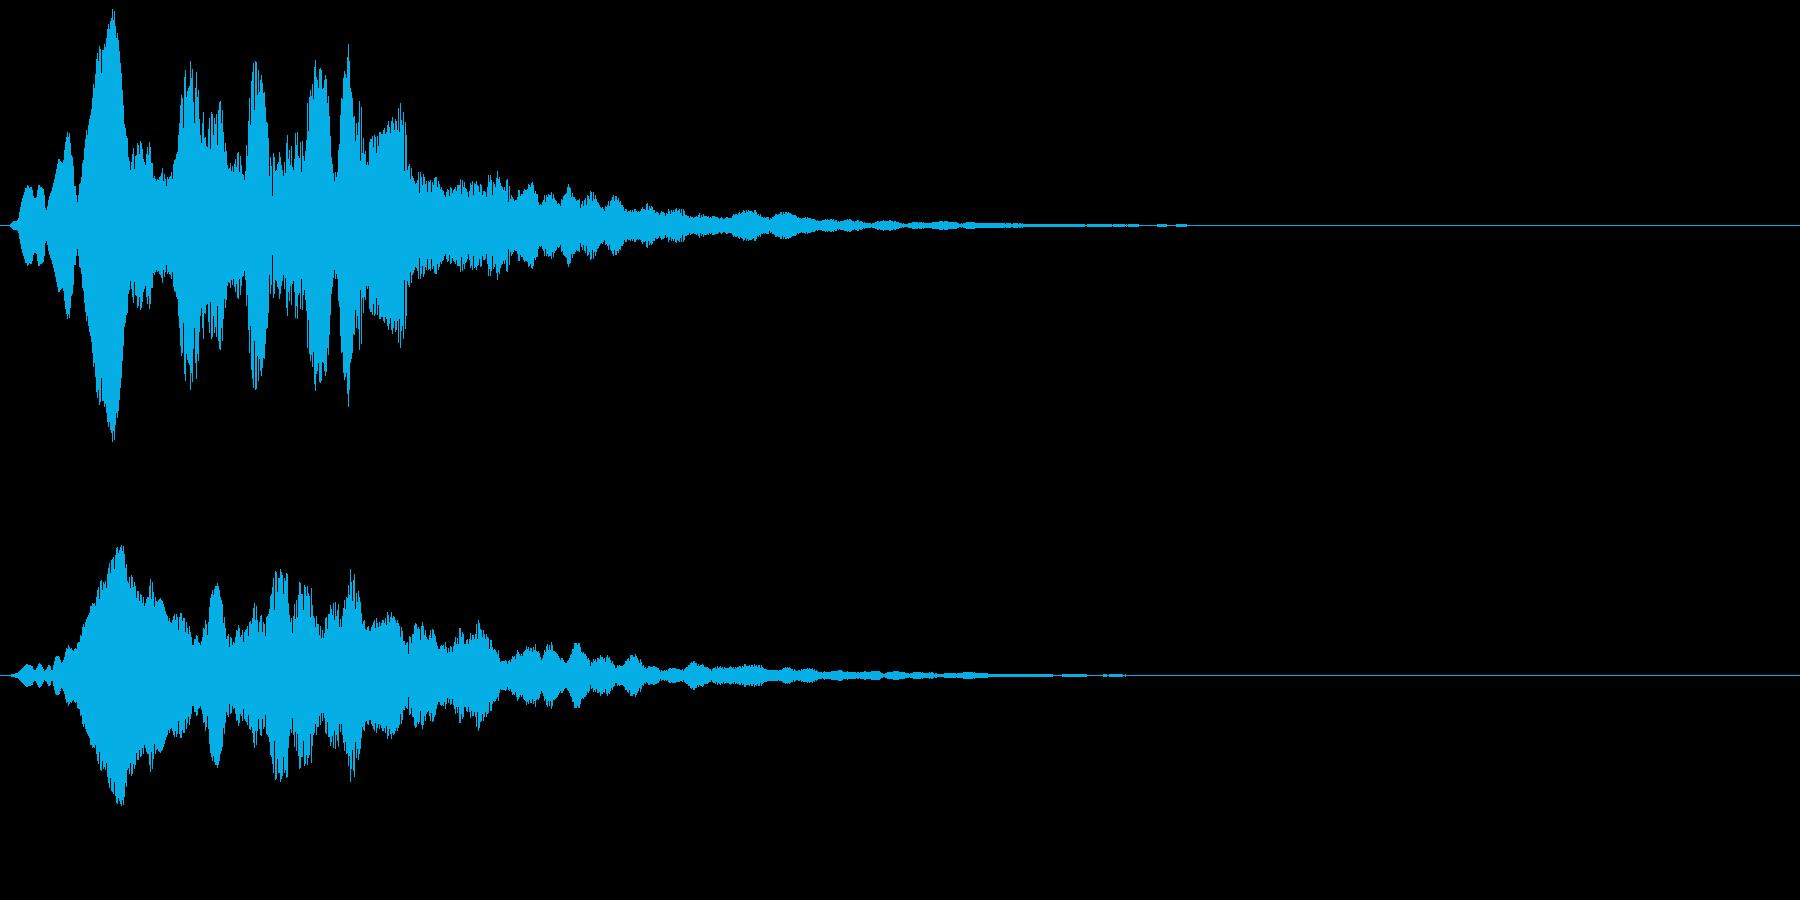 アイテム獲得や決定音等に使えます。の再生済みの波形